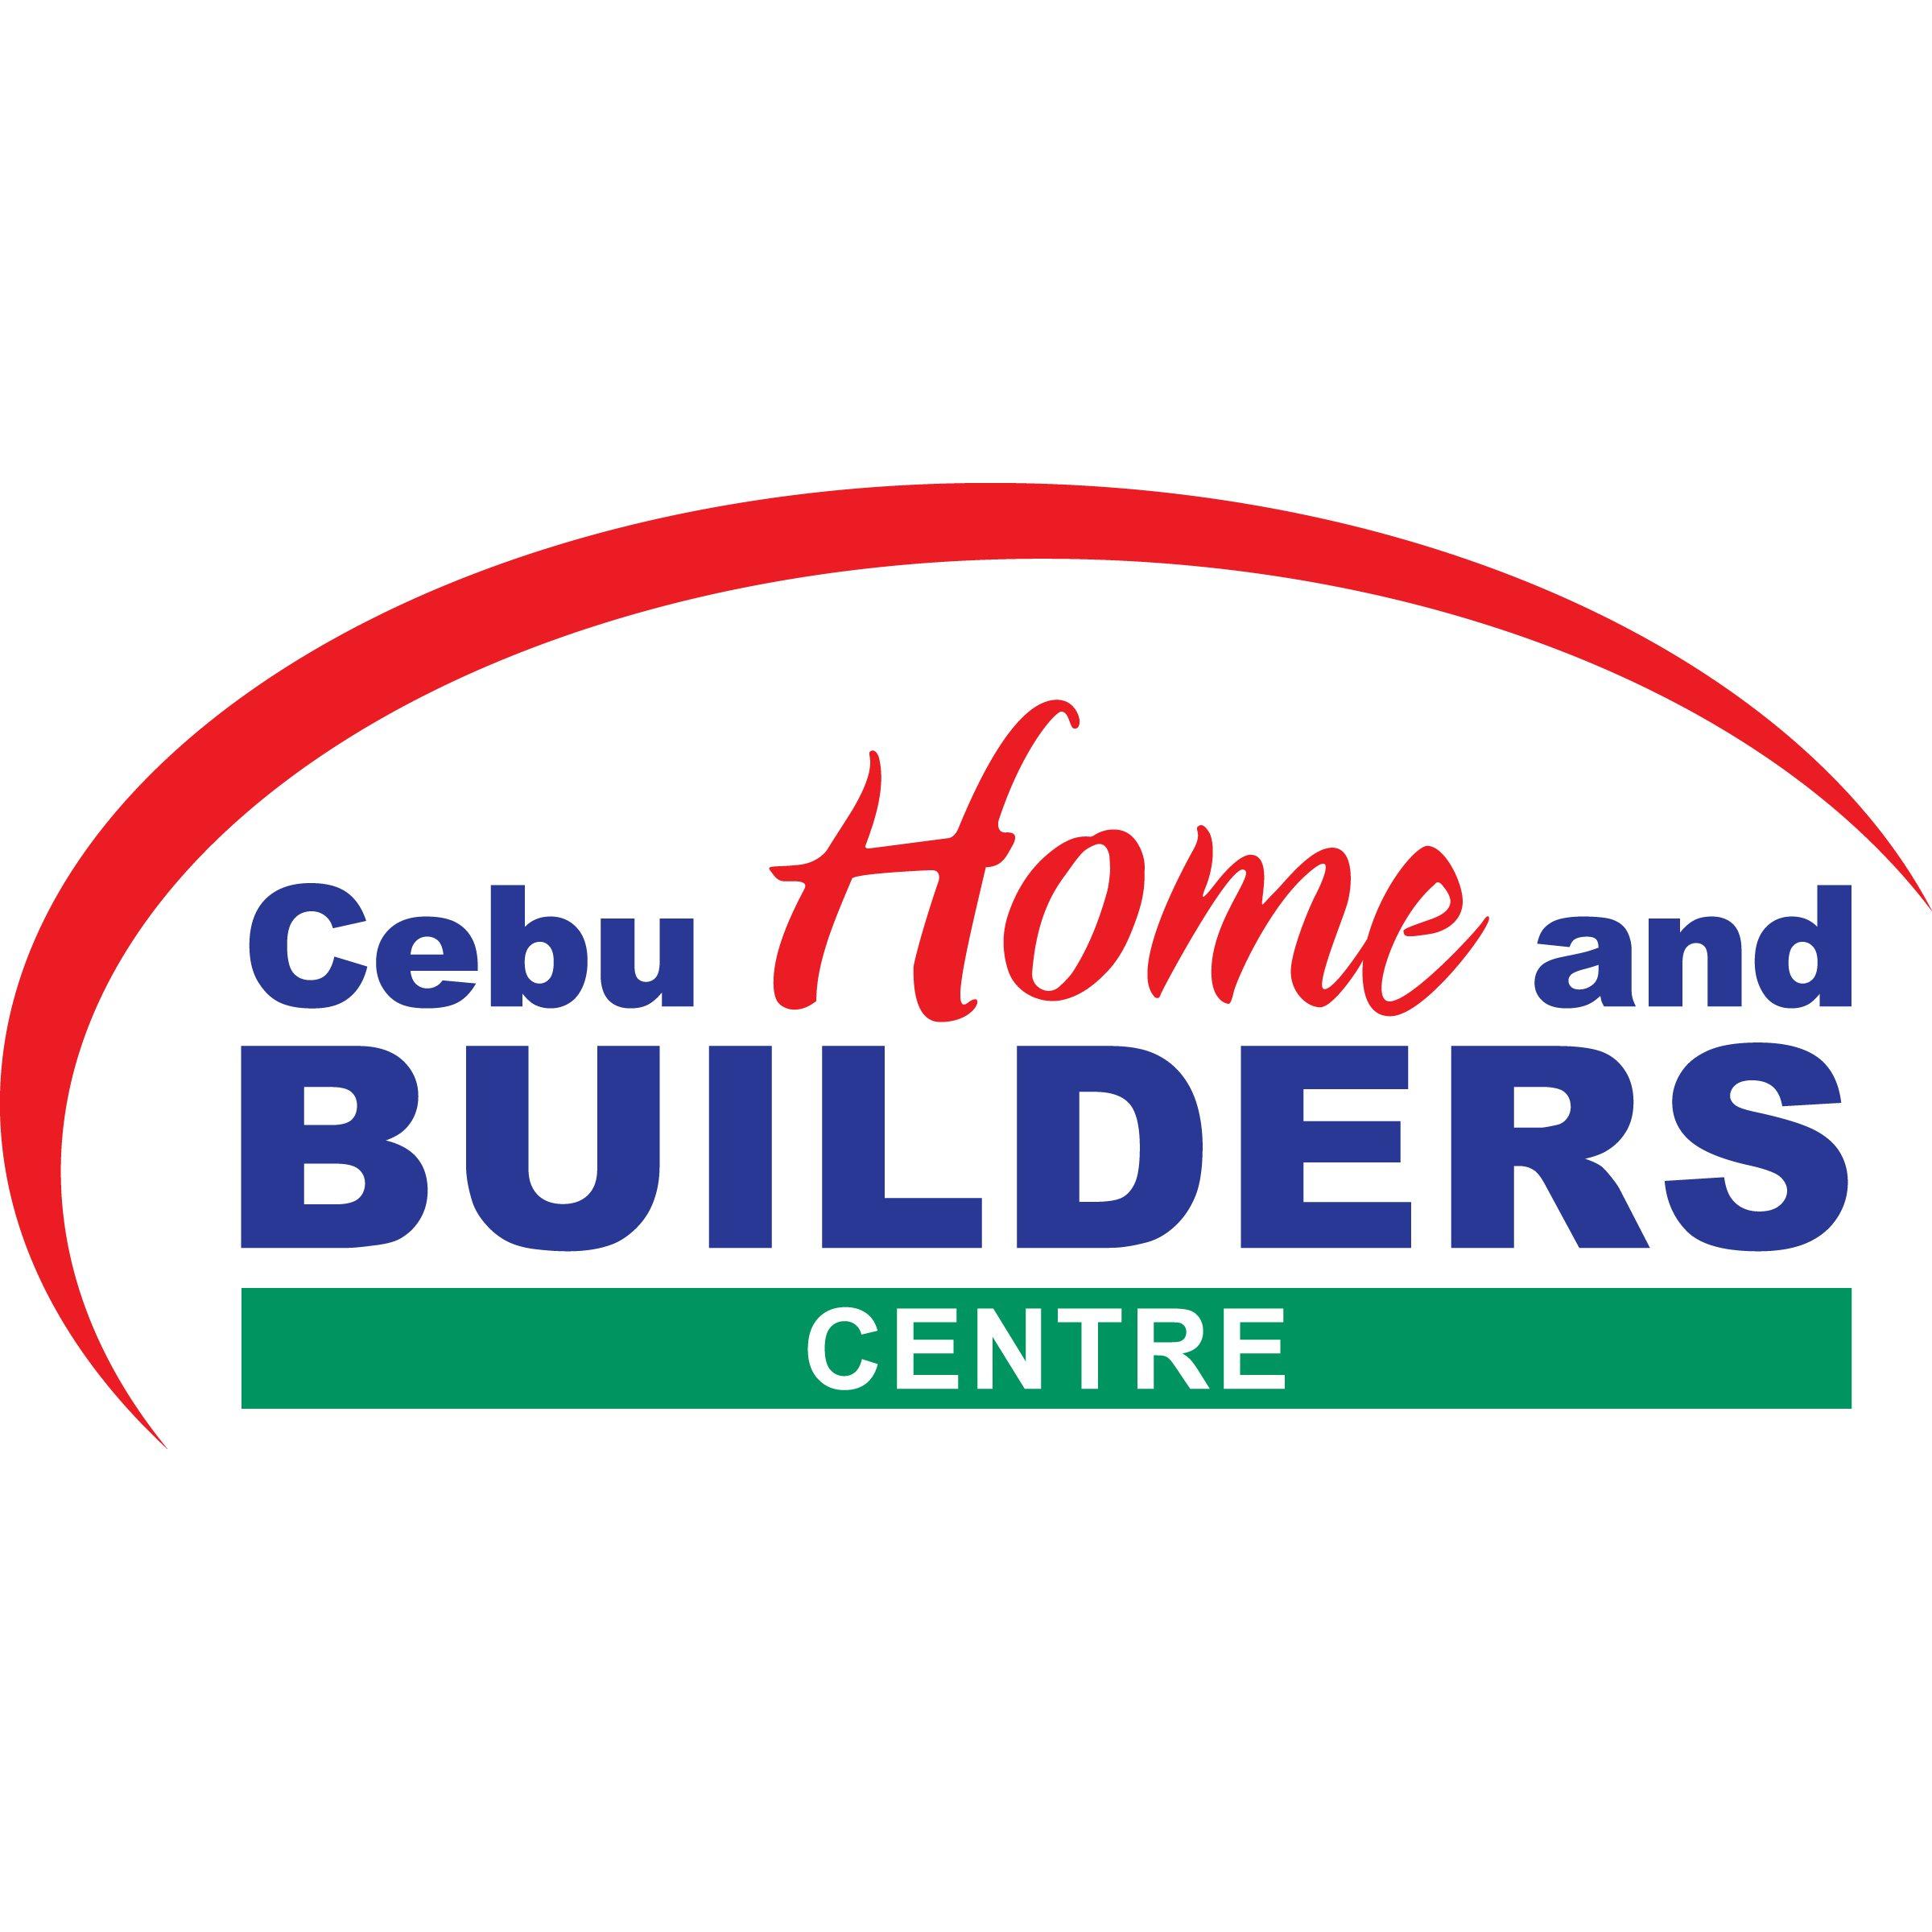 Cebu Home and Builders Centre